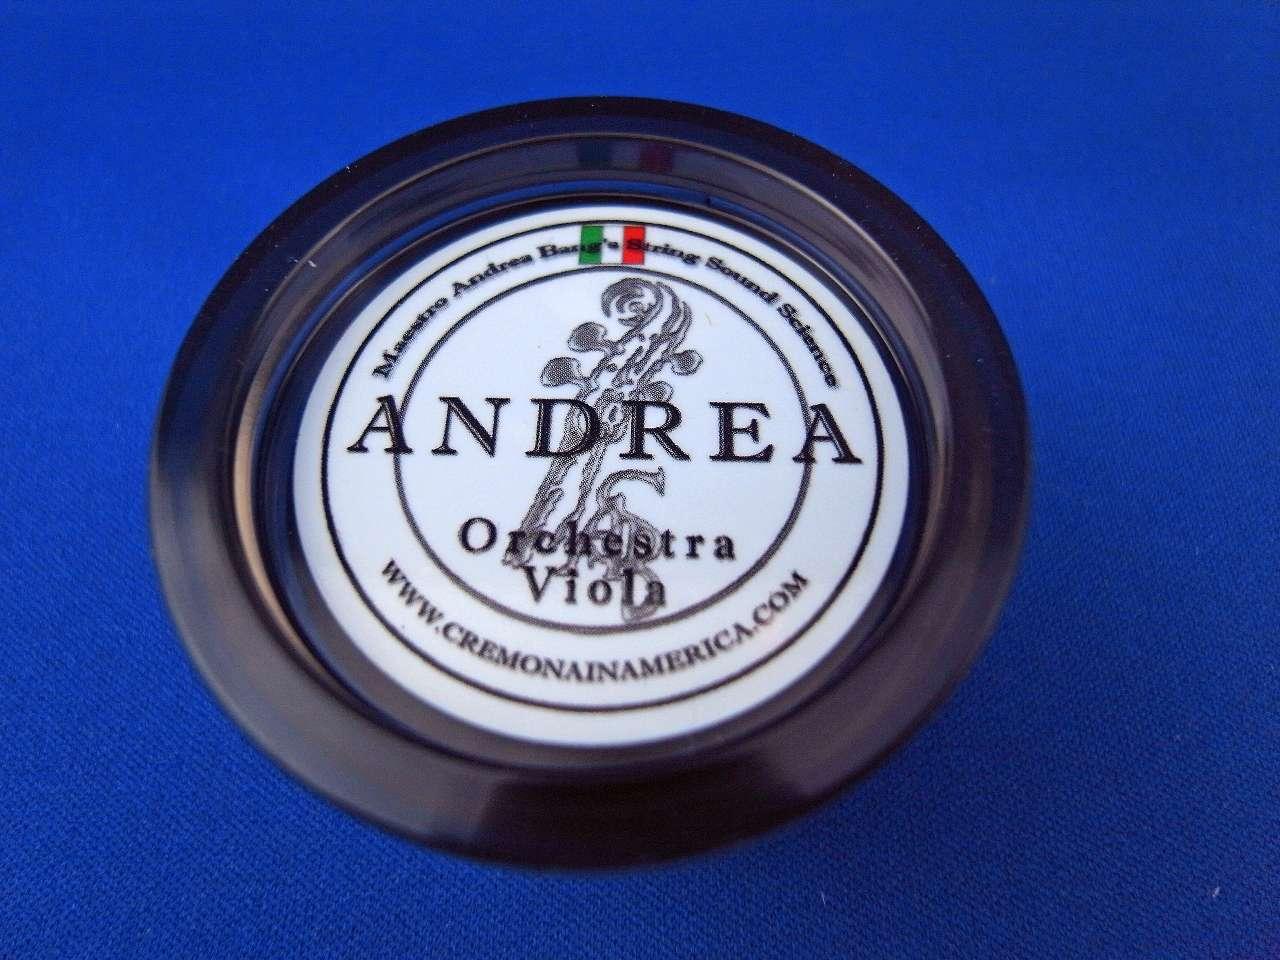 画像1: アンドレア・ロジン「オーケストラ・ビオラ」 Andrea Rosin「Orchestra Viola」